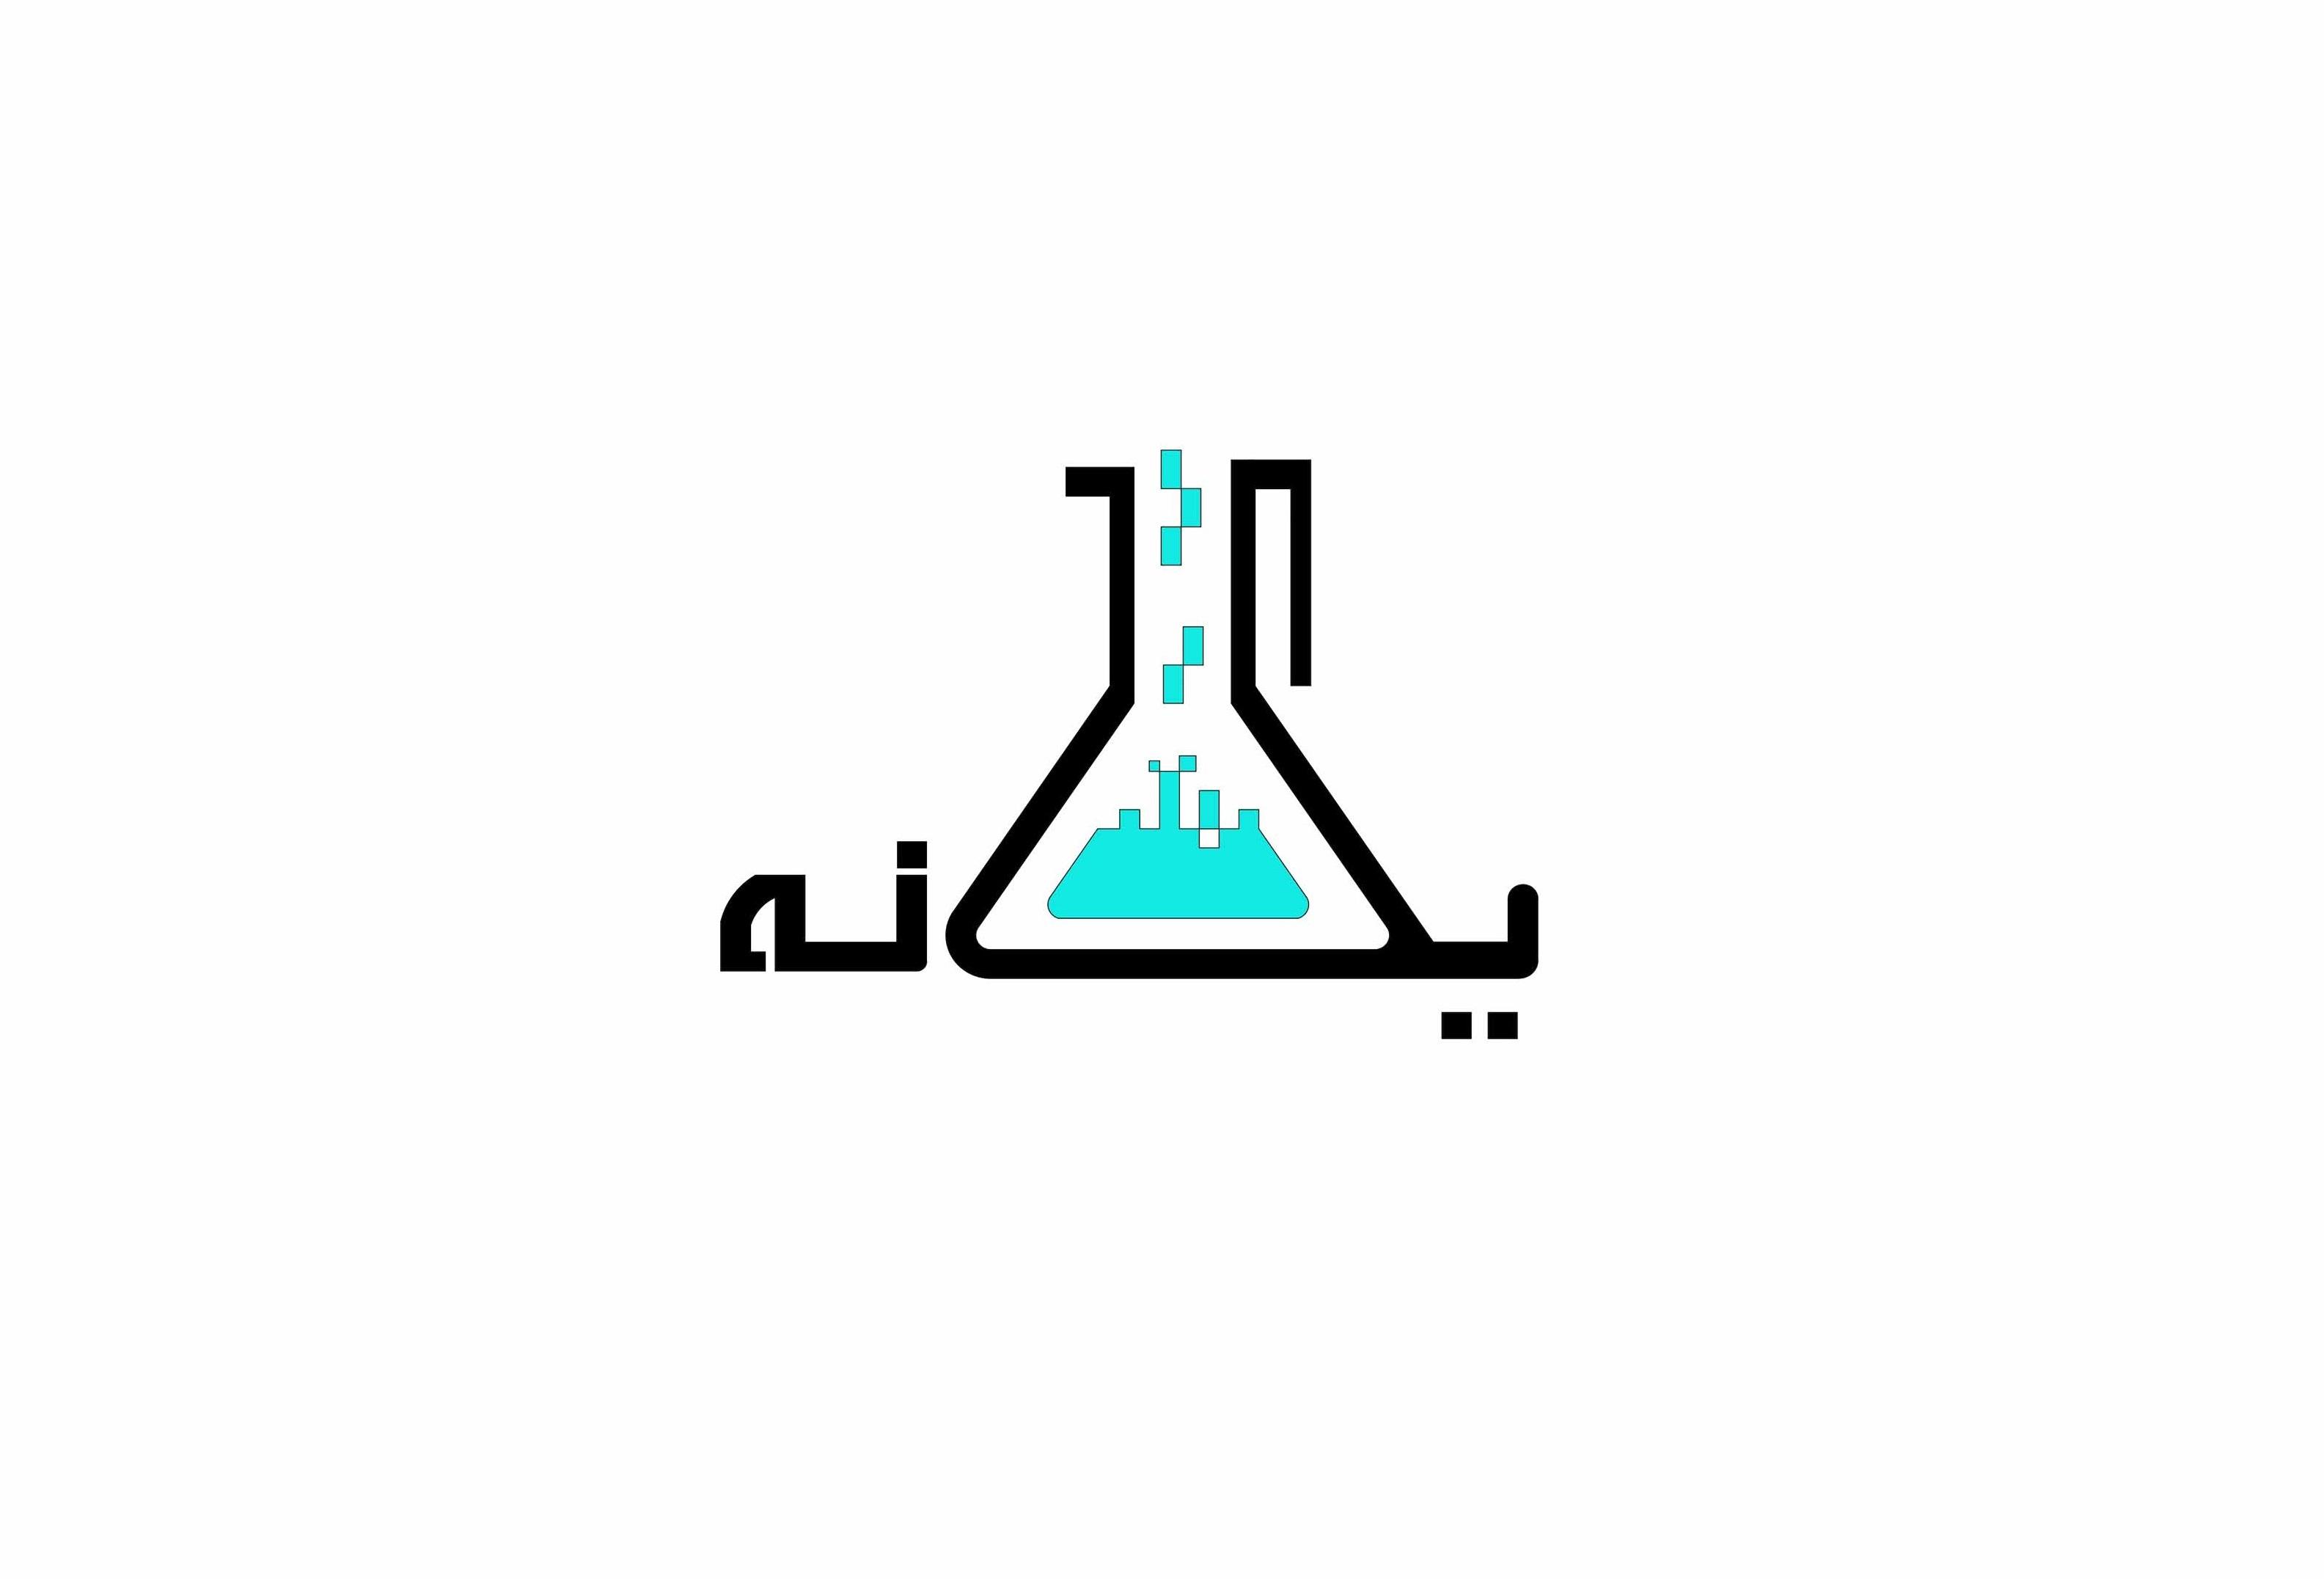 شیمیایی یگانه – فروش مواد شیمیایی